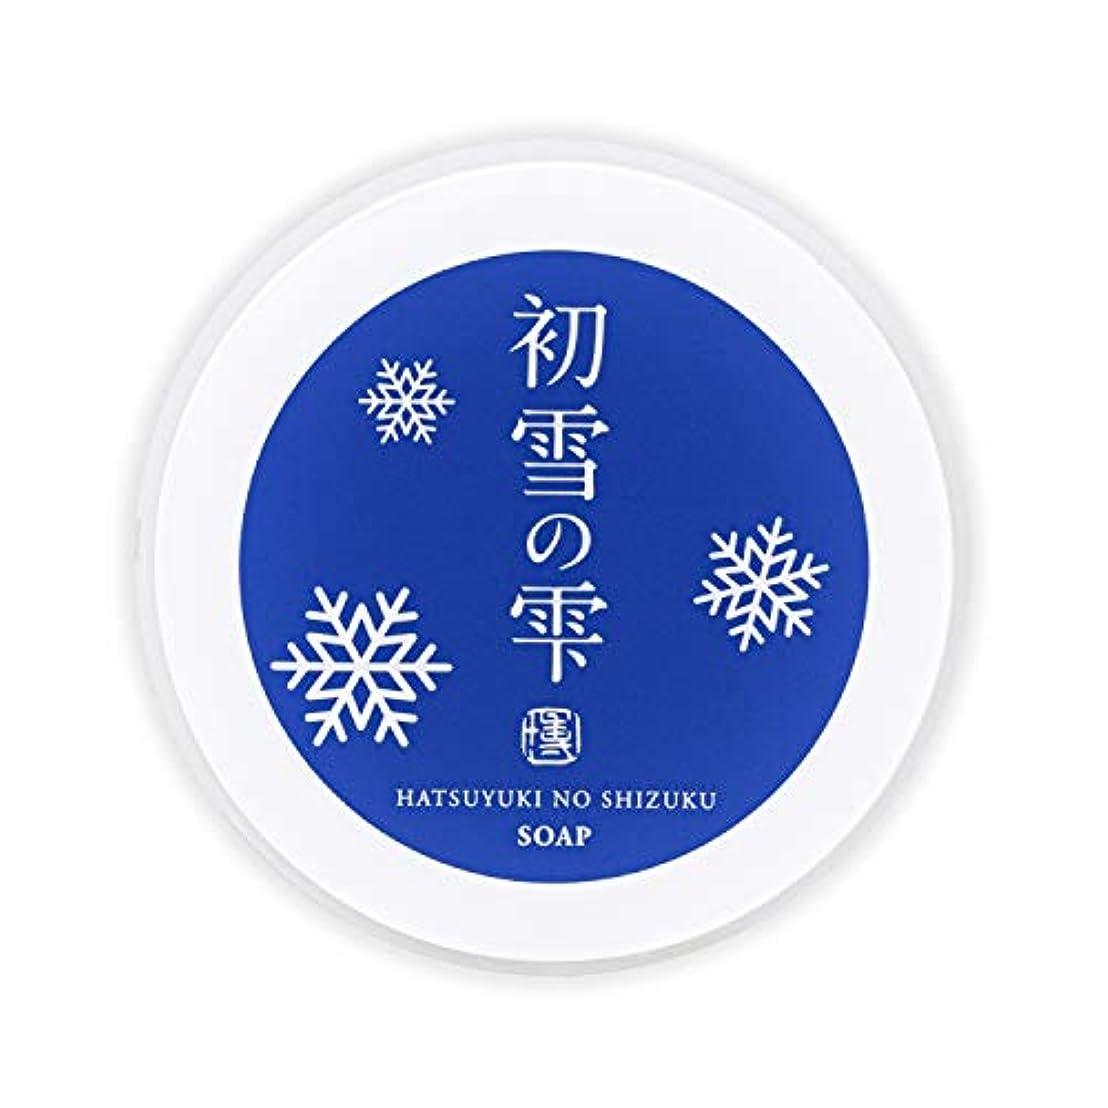 初雪の雫 泡 洗顔 練り せっけん ジャータイプ 34g 約2週間分 [プラセンタ ヒアルロン酸 セラミド ビタミンC ]